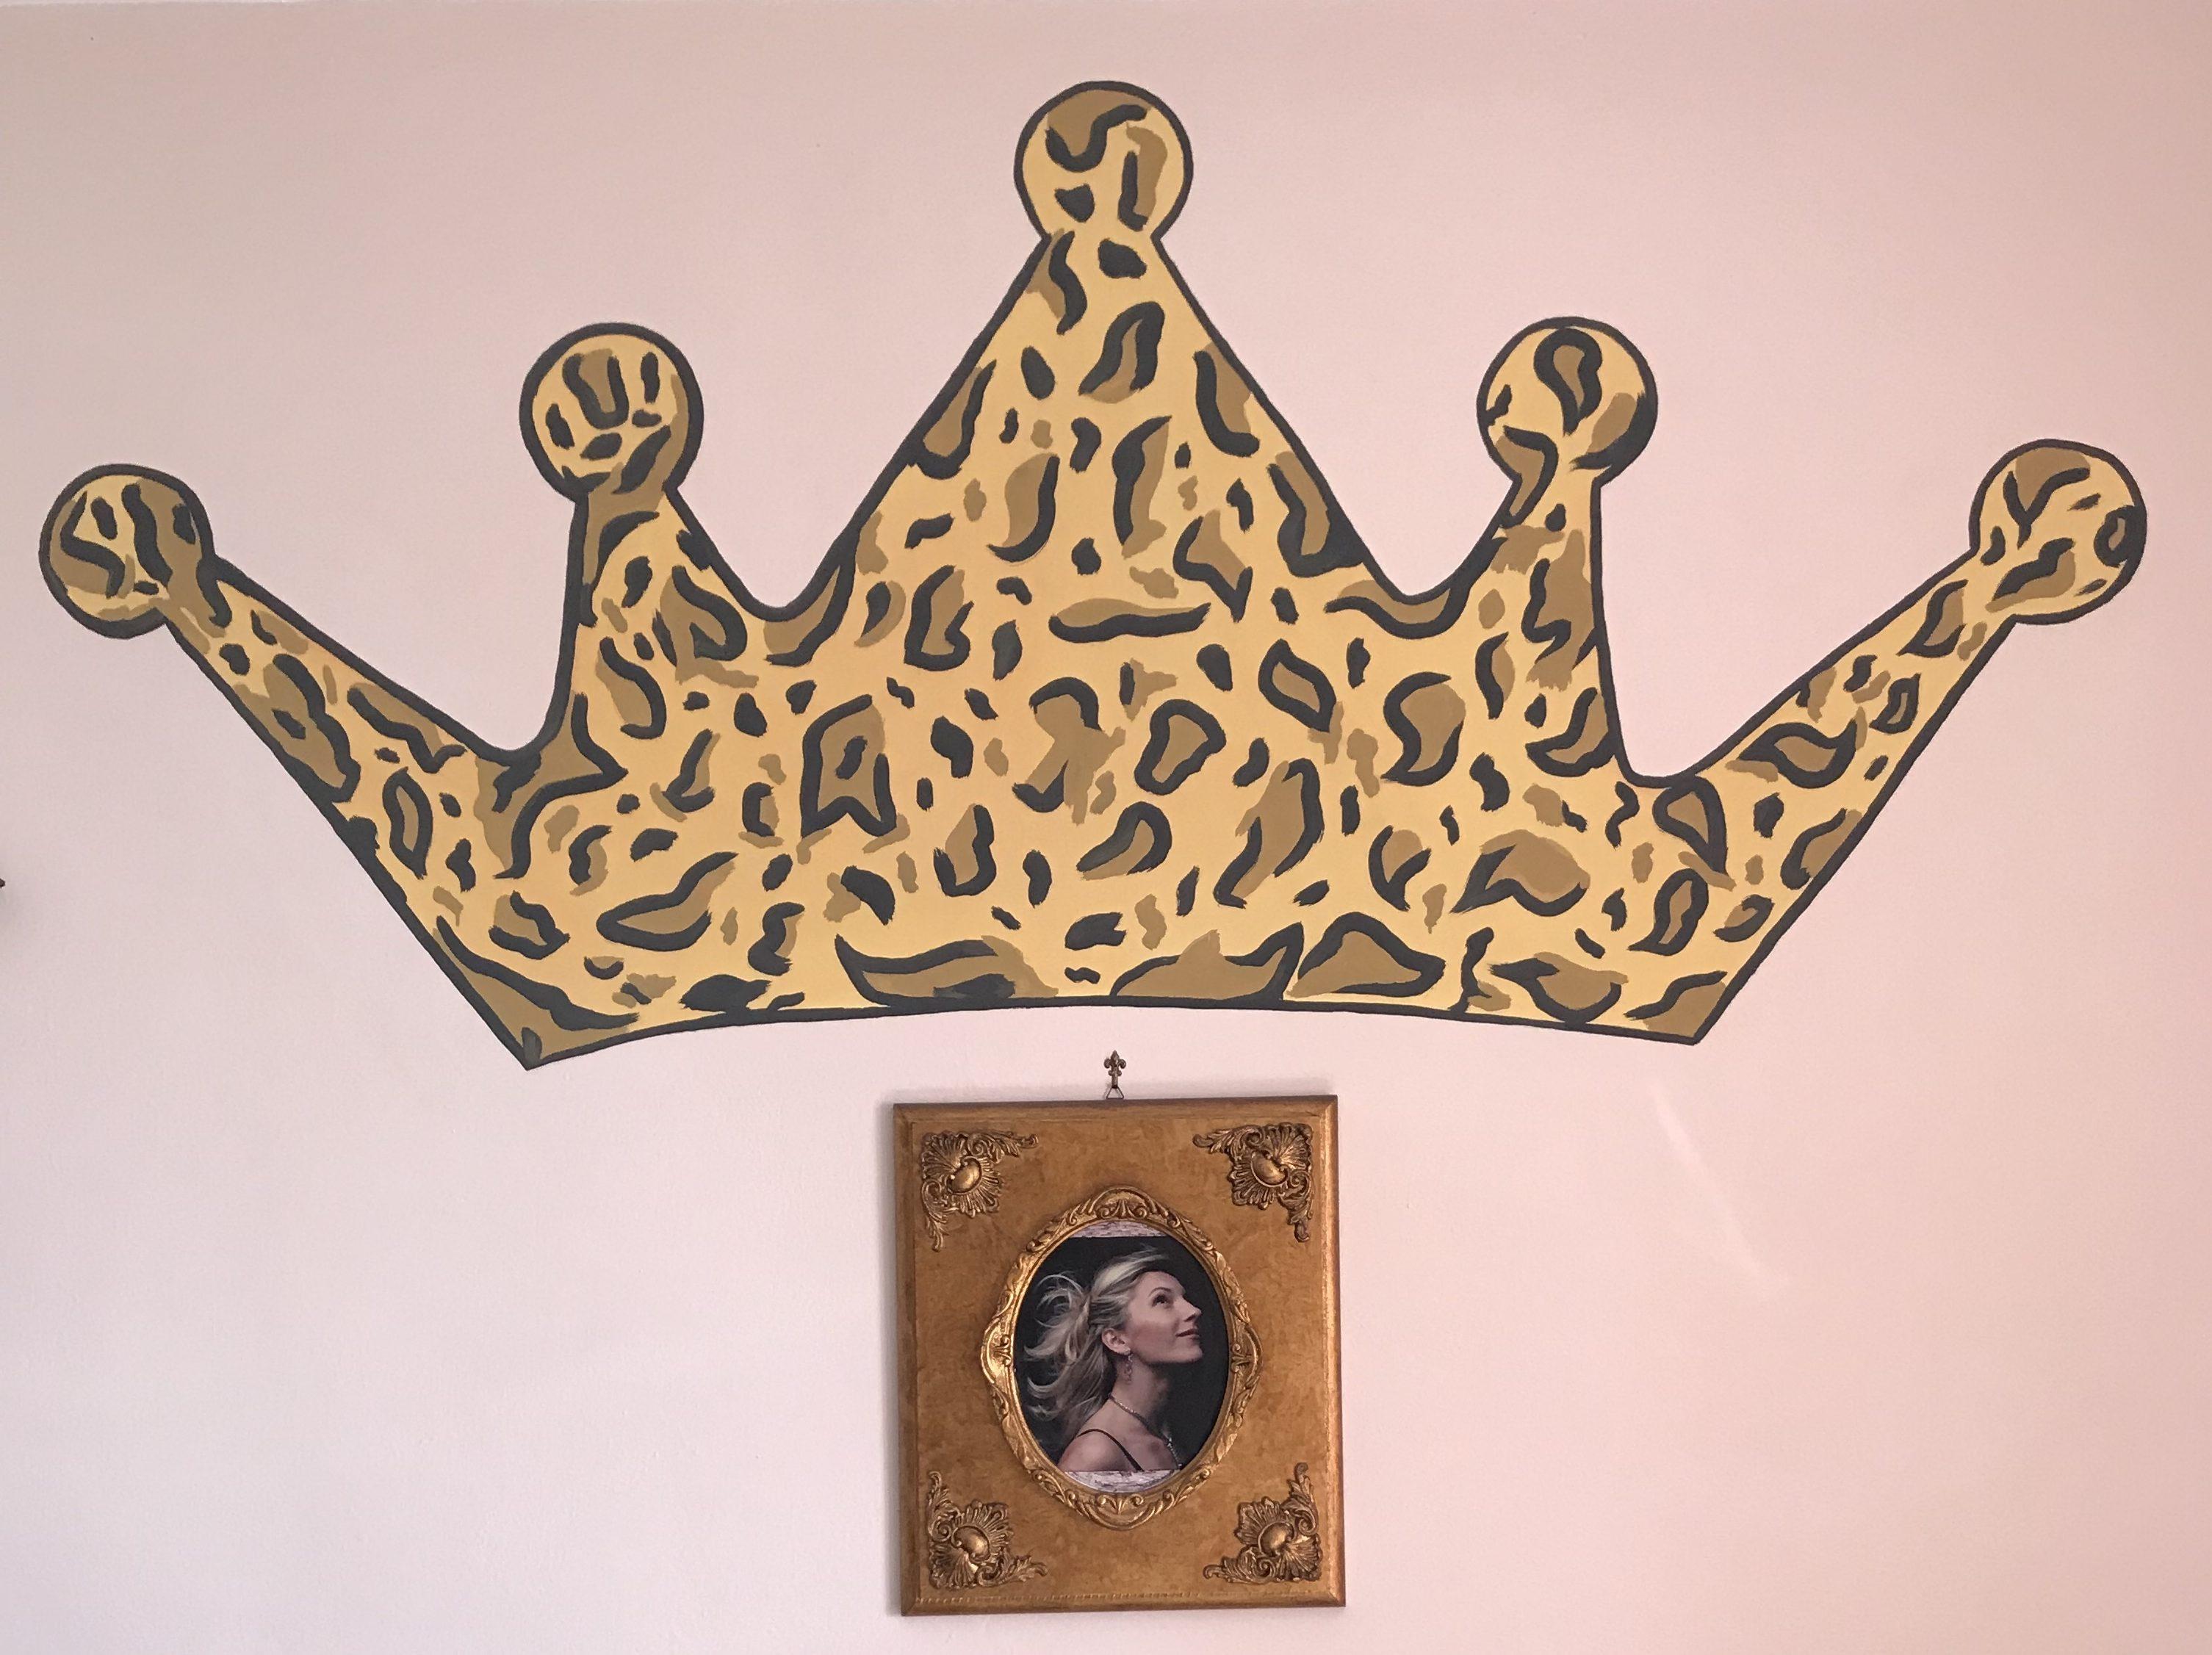 Leopardata